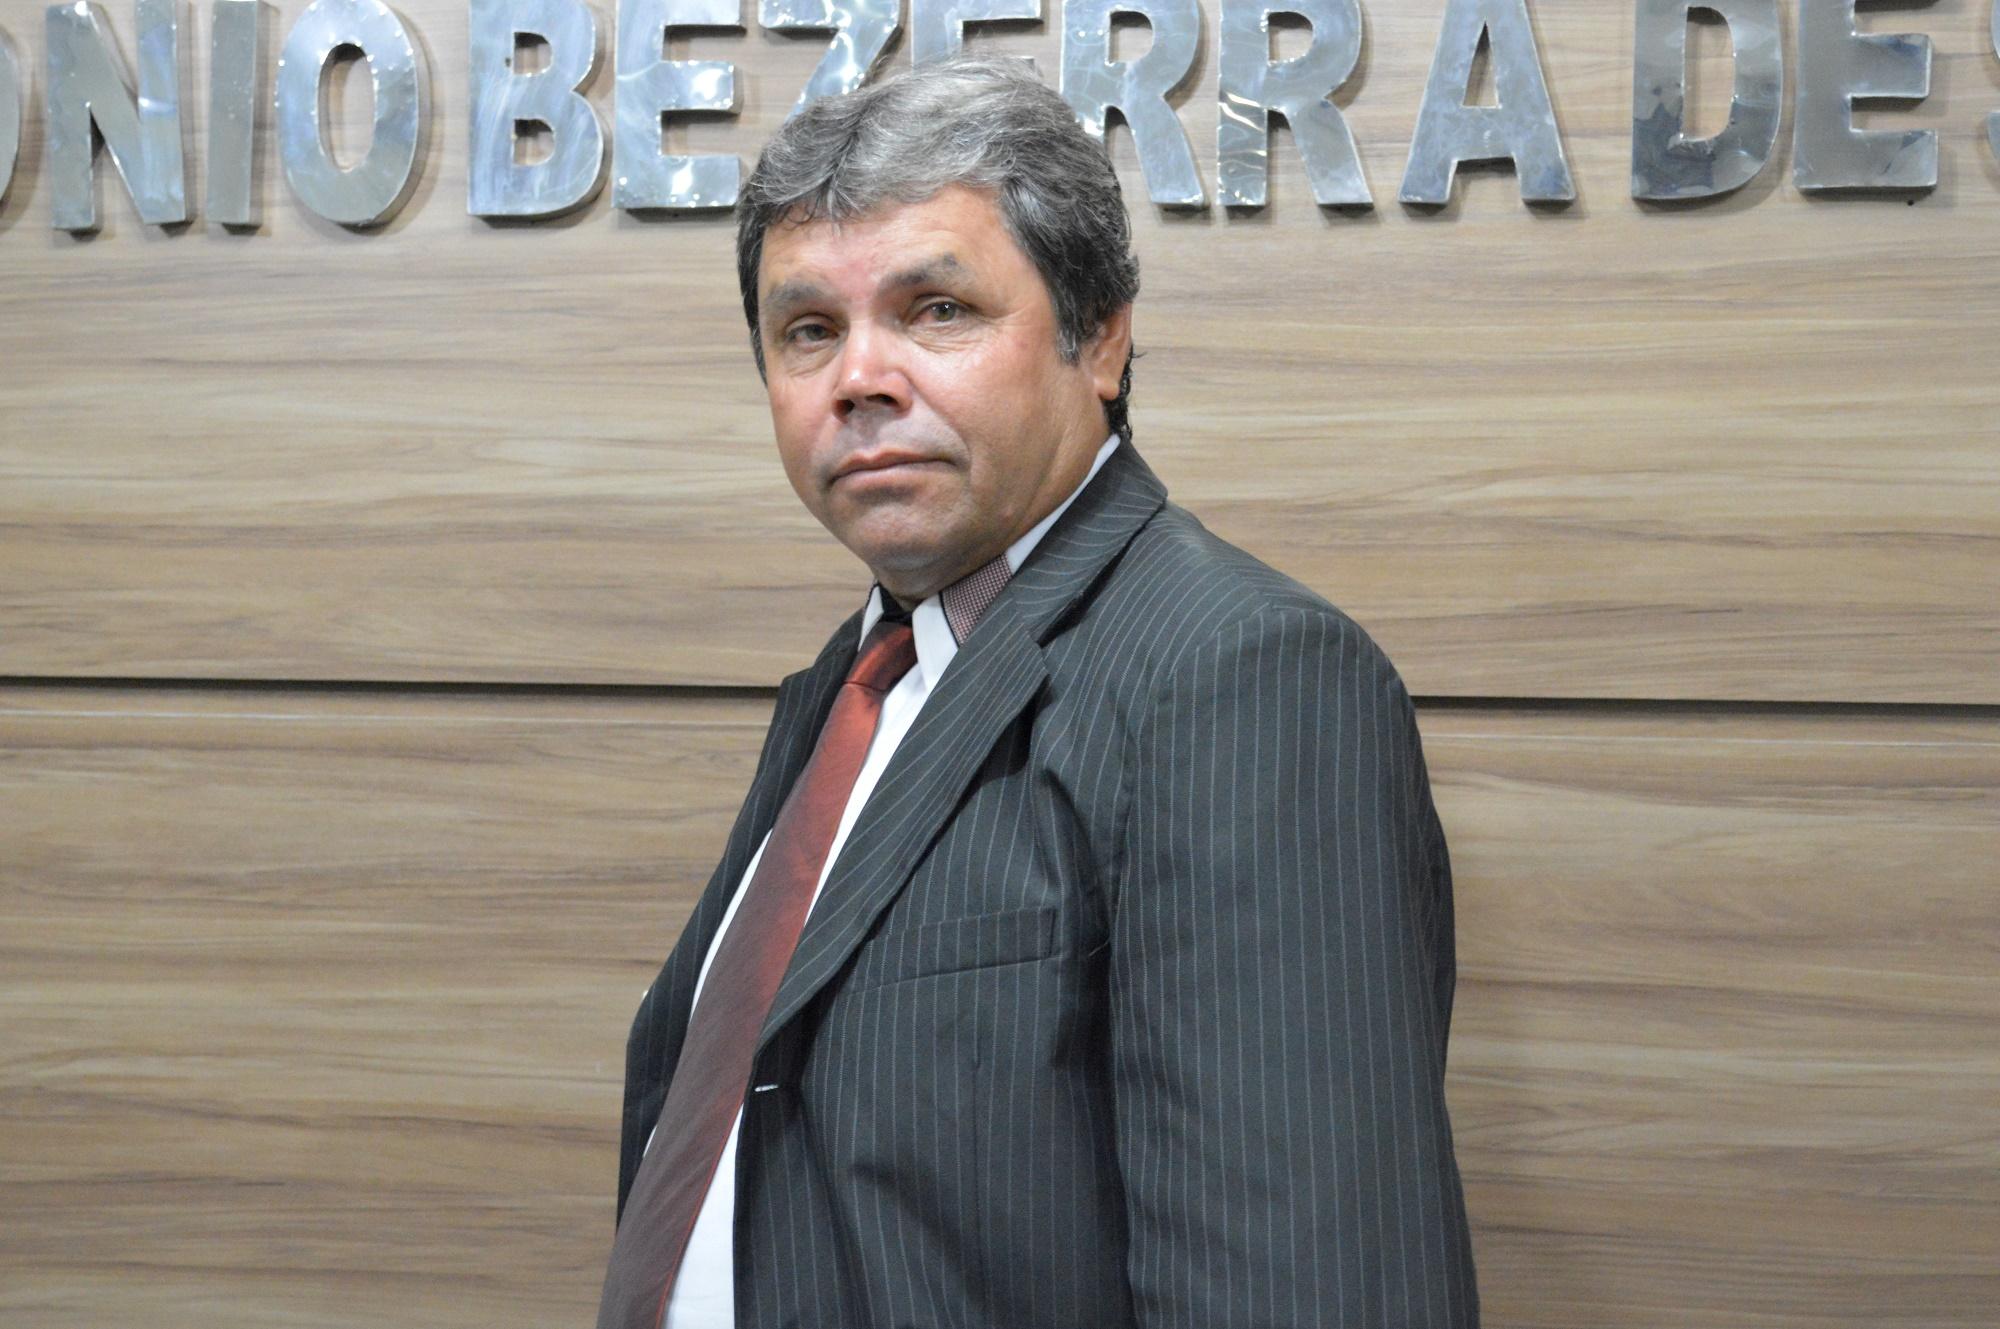 2º SECRTÁRIO JOÃO DE PETRONILO